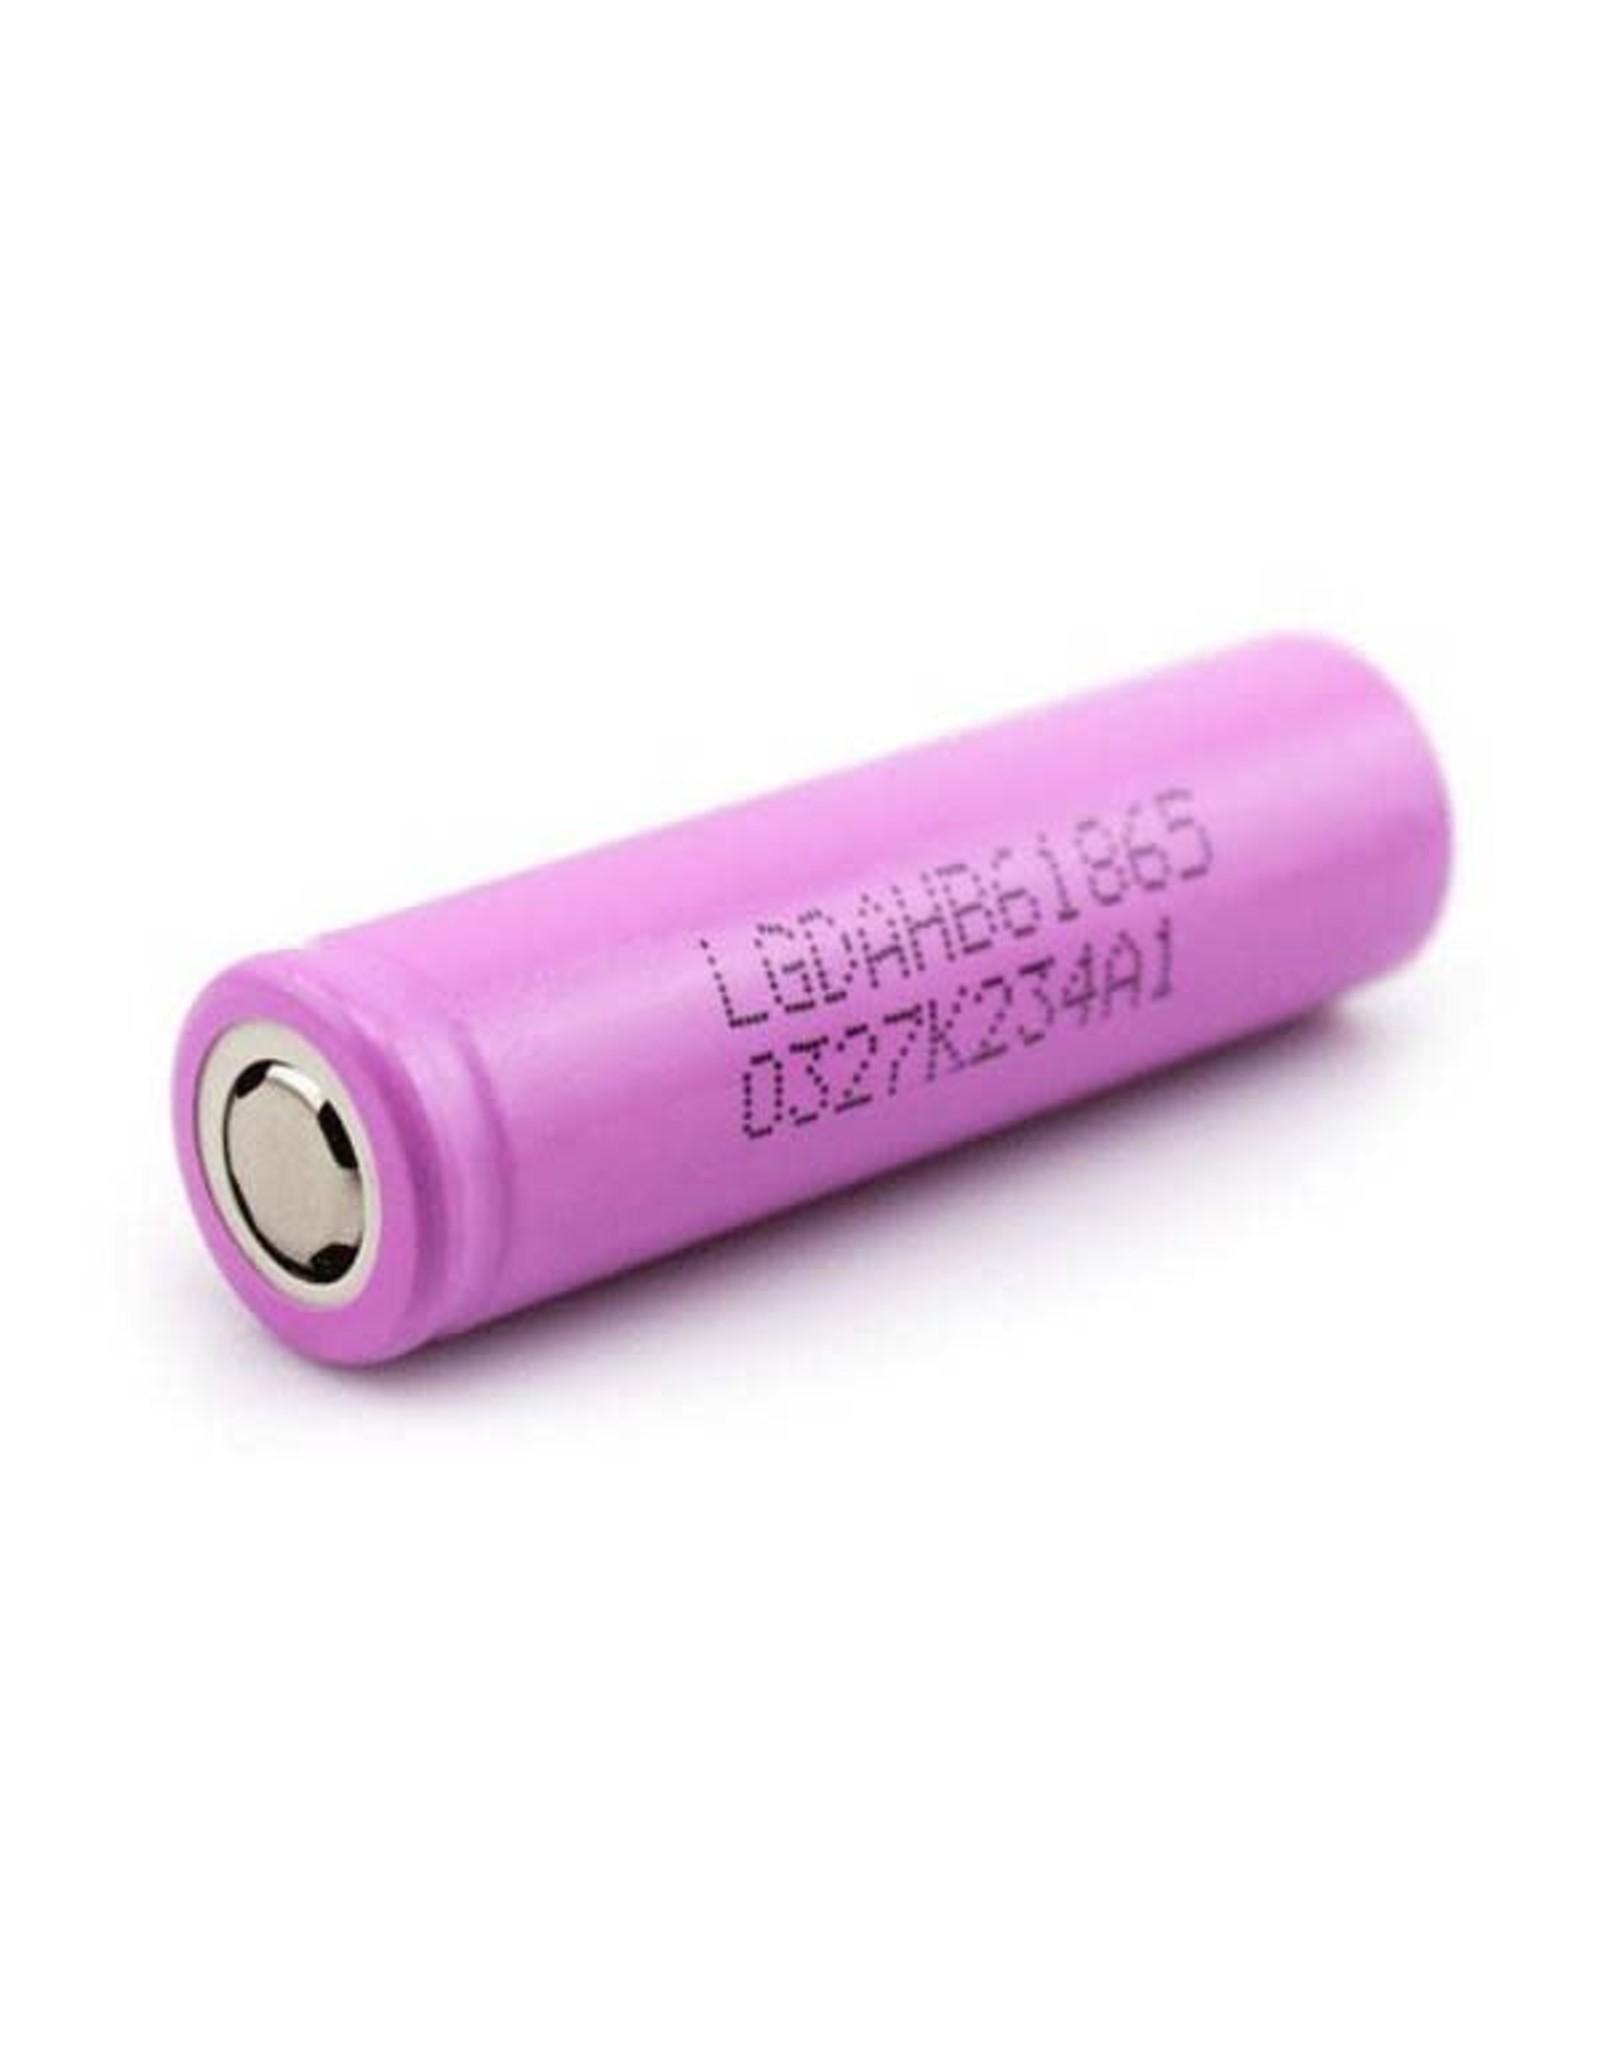 LG LG HB6 18650 30A 1500Mah Battery (Single)